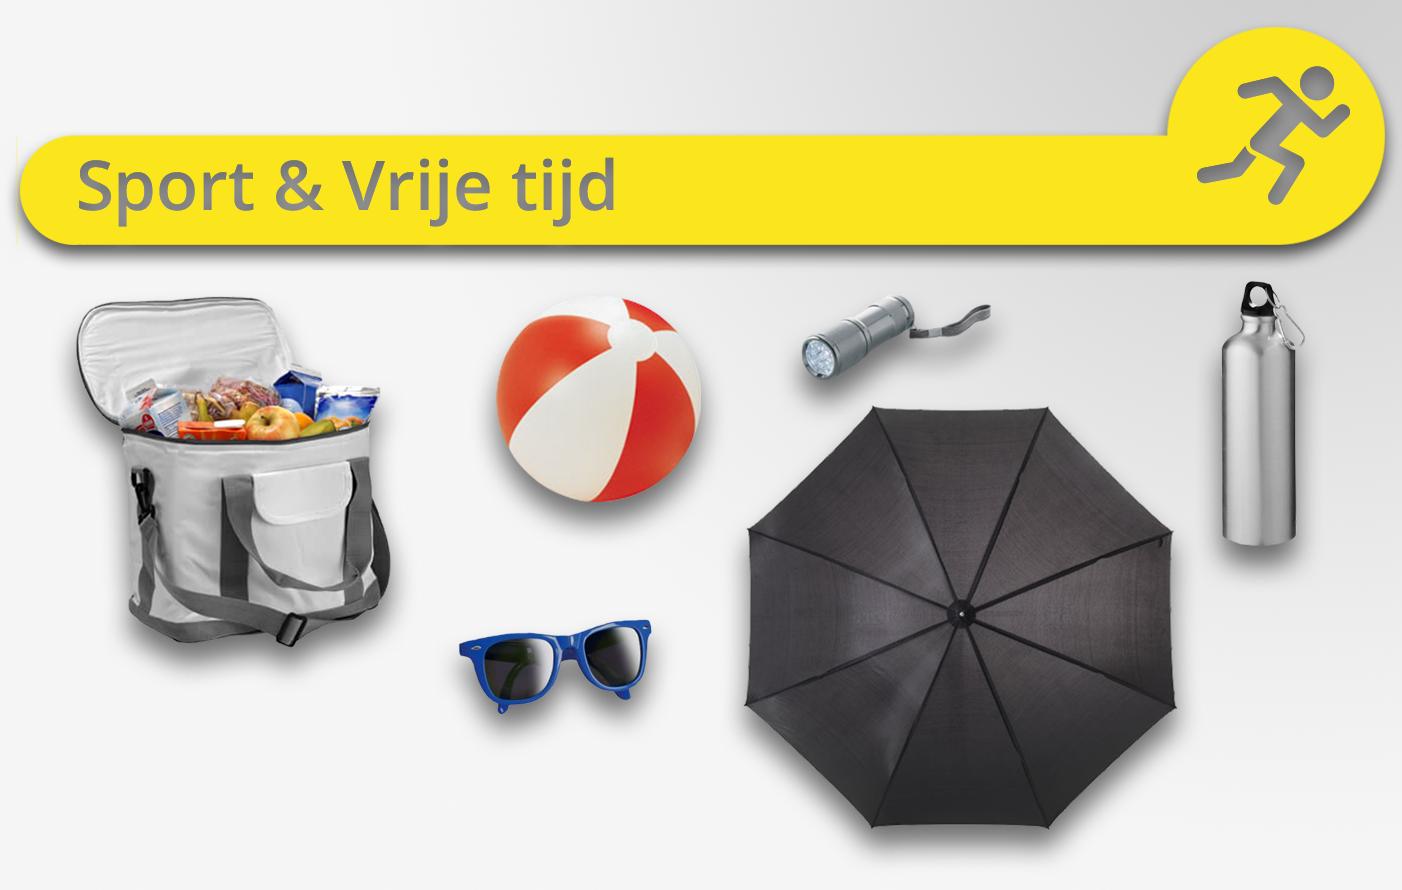 Sport & Vrije tijd